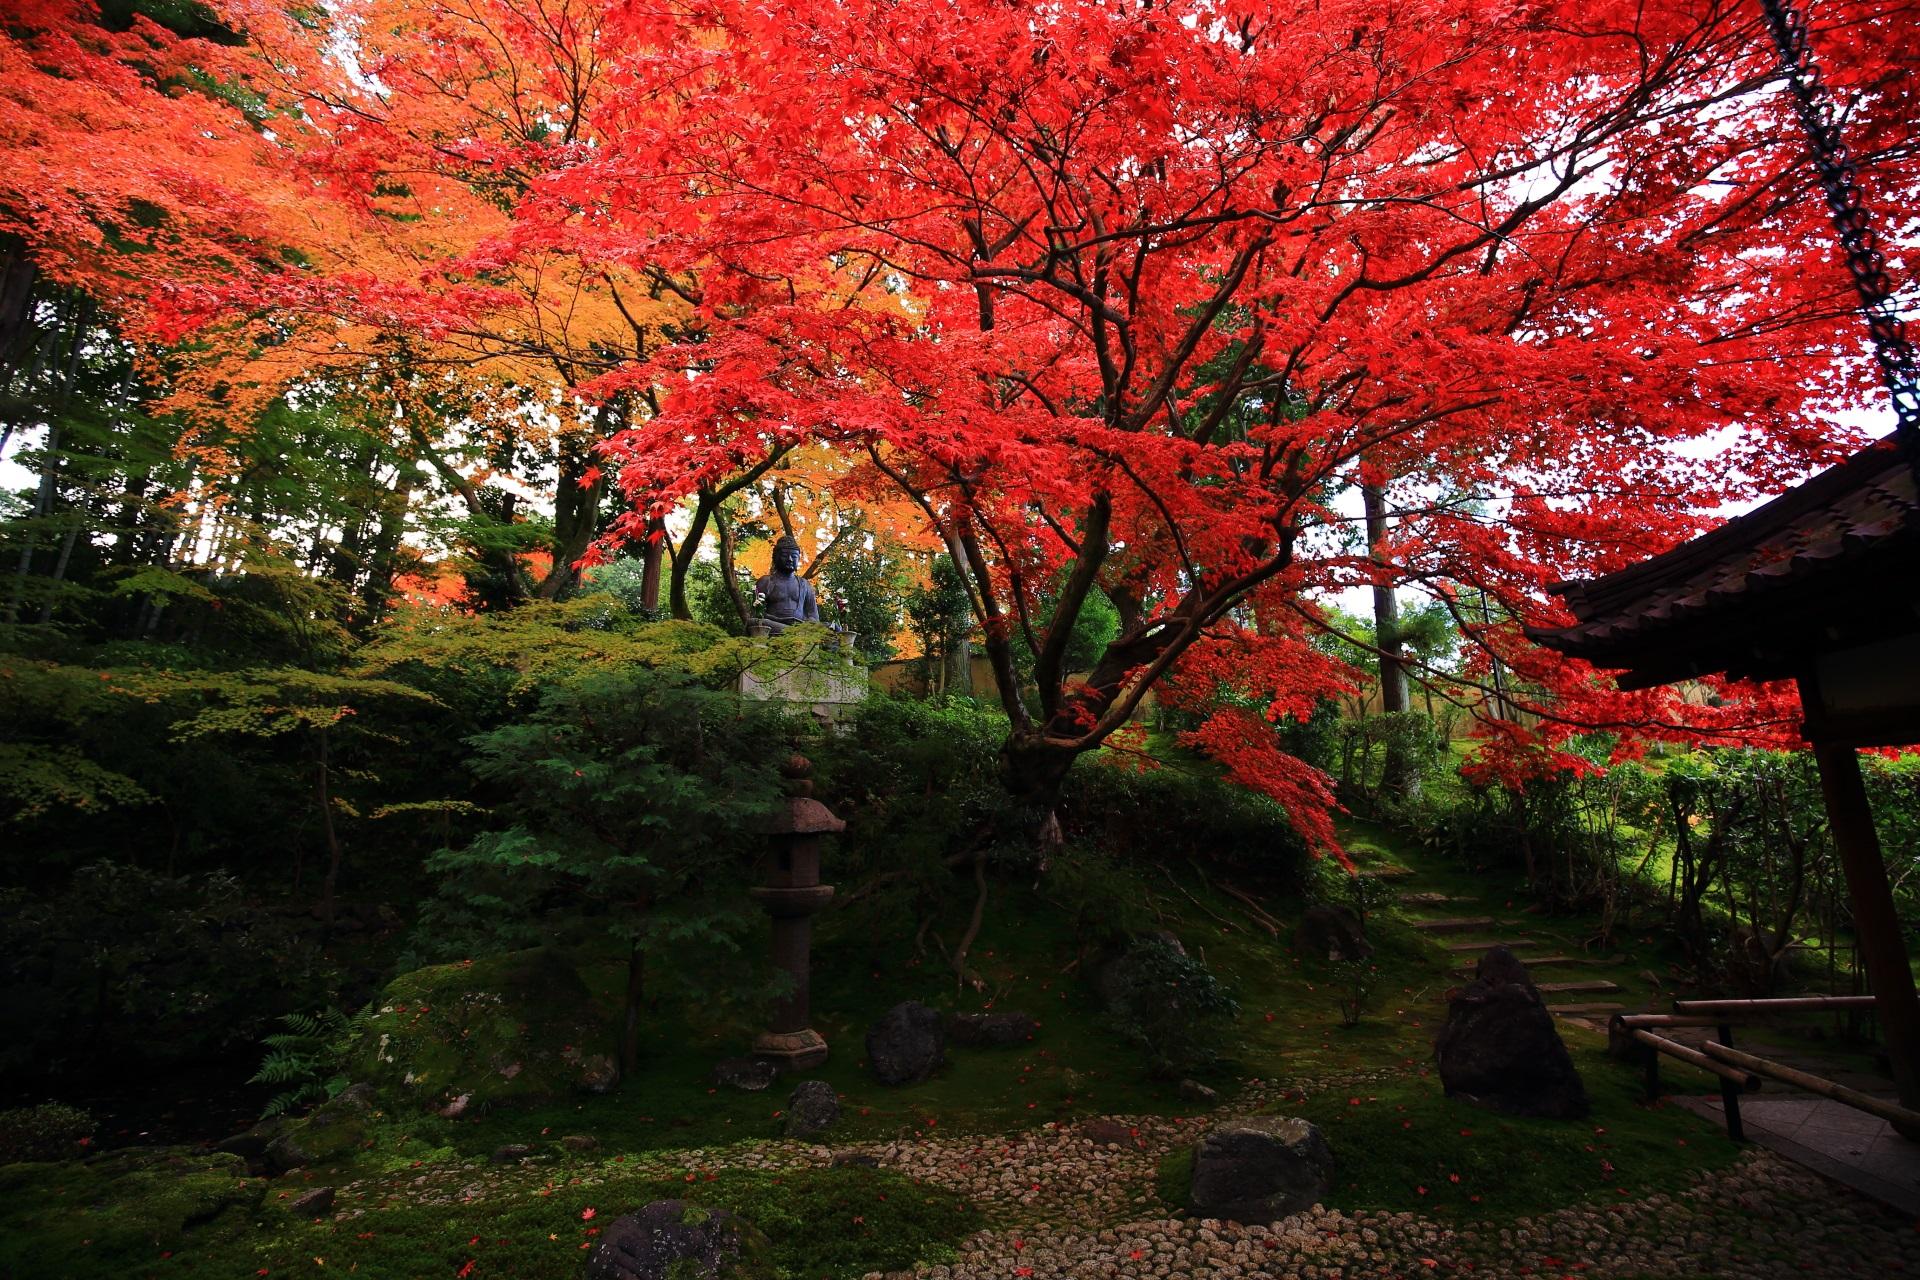 庭園を秋色に染める迫力の紅葉